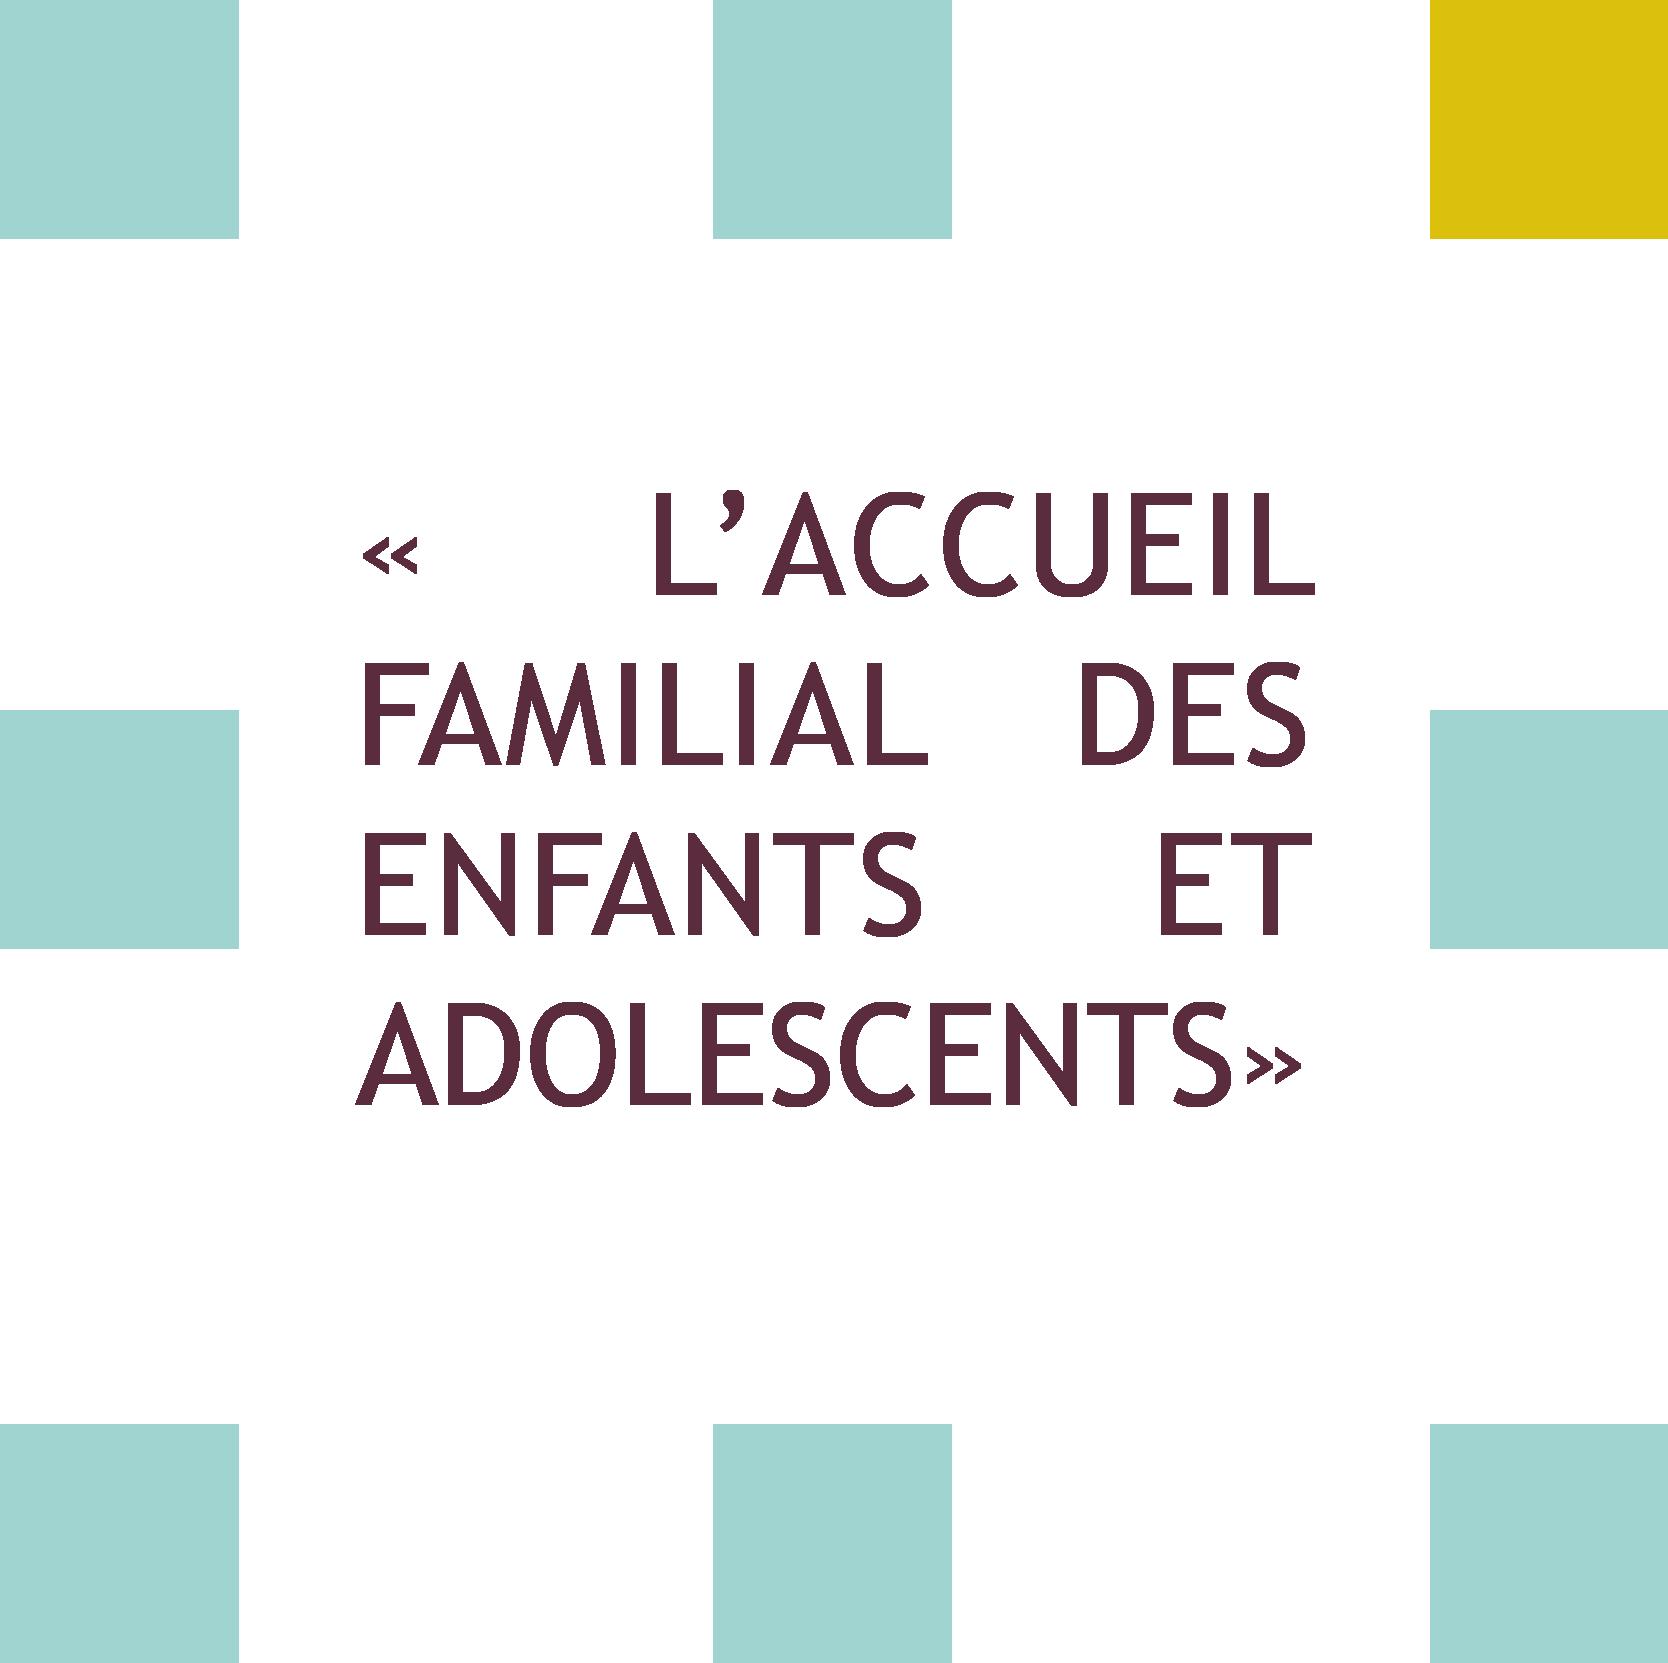 formation accueil familial des enfants et adolescents